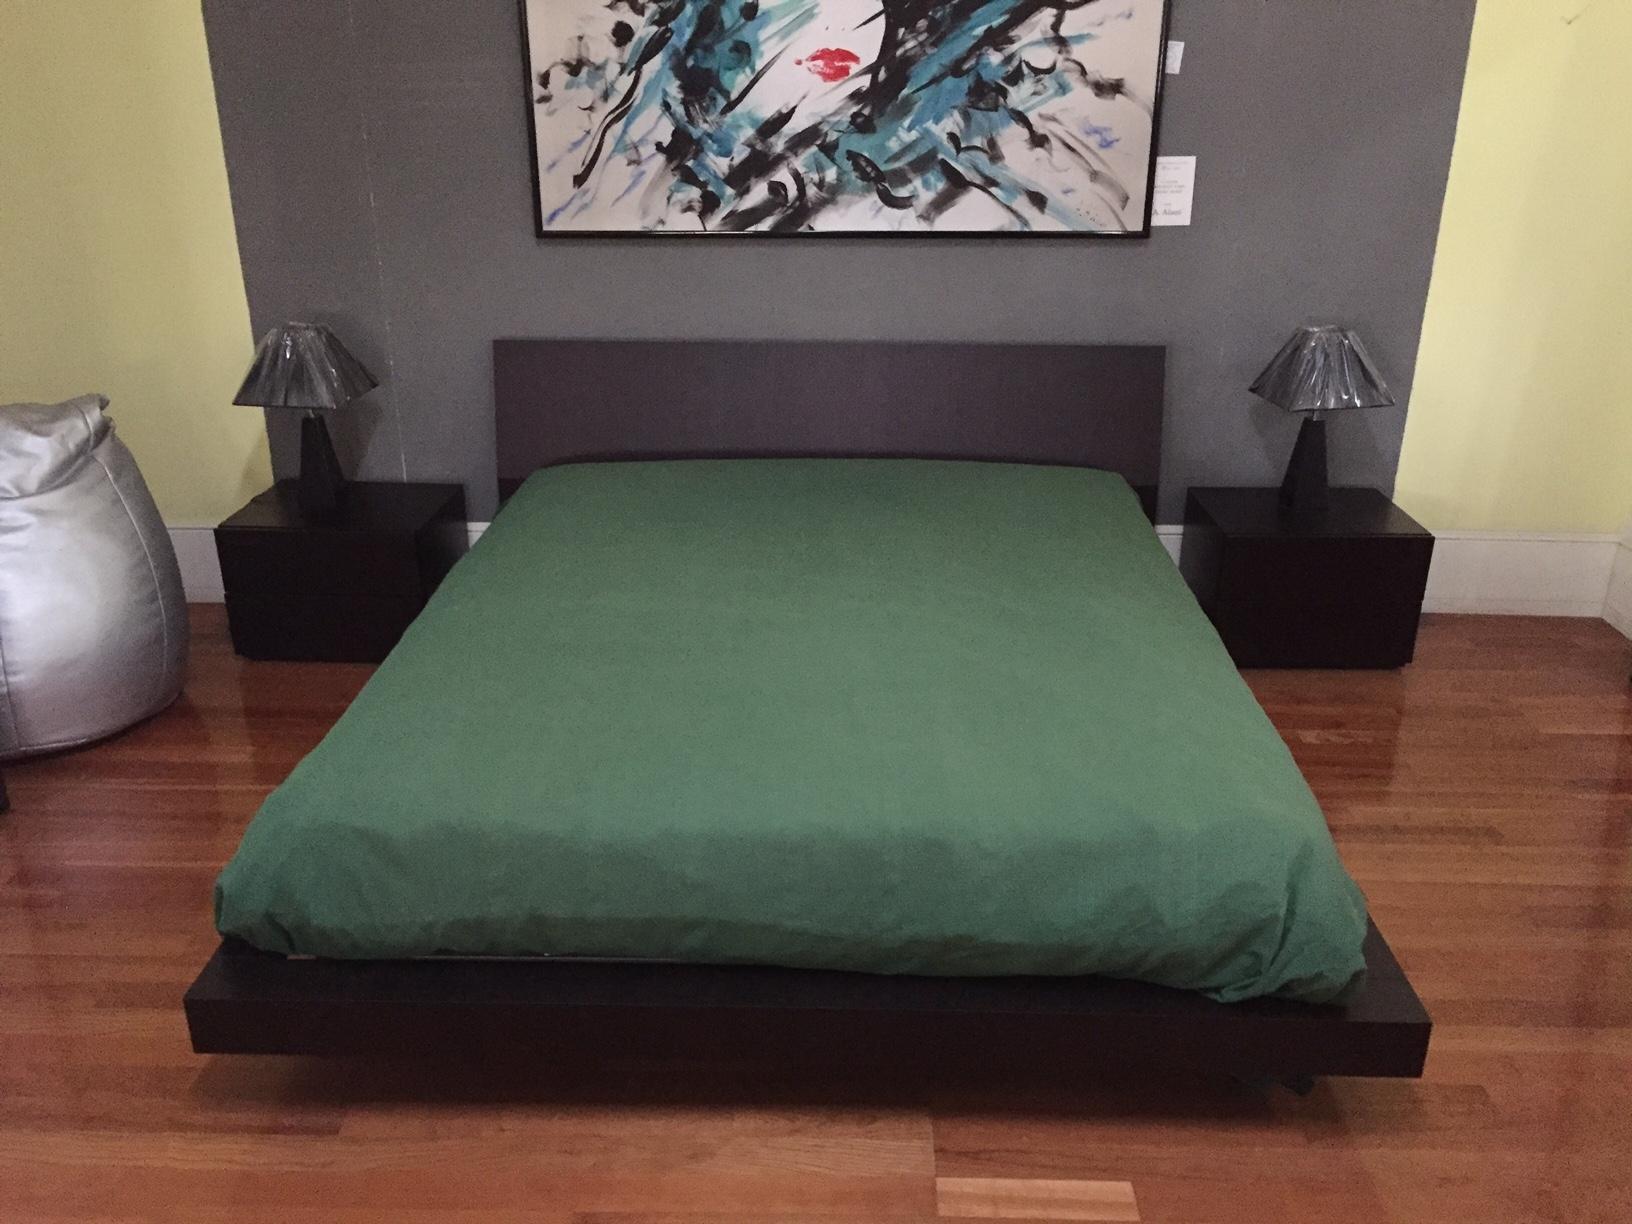 Pianca camera da letto completa armadio scorrevole for Costo camera da letto completa